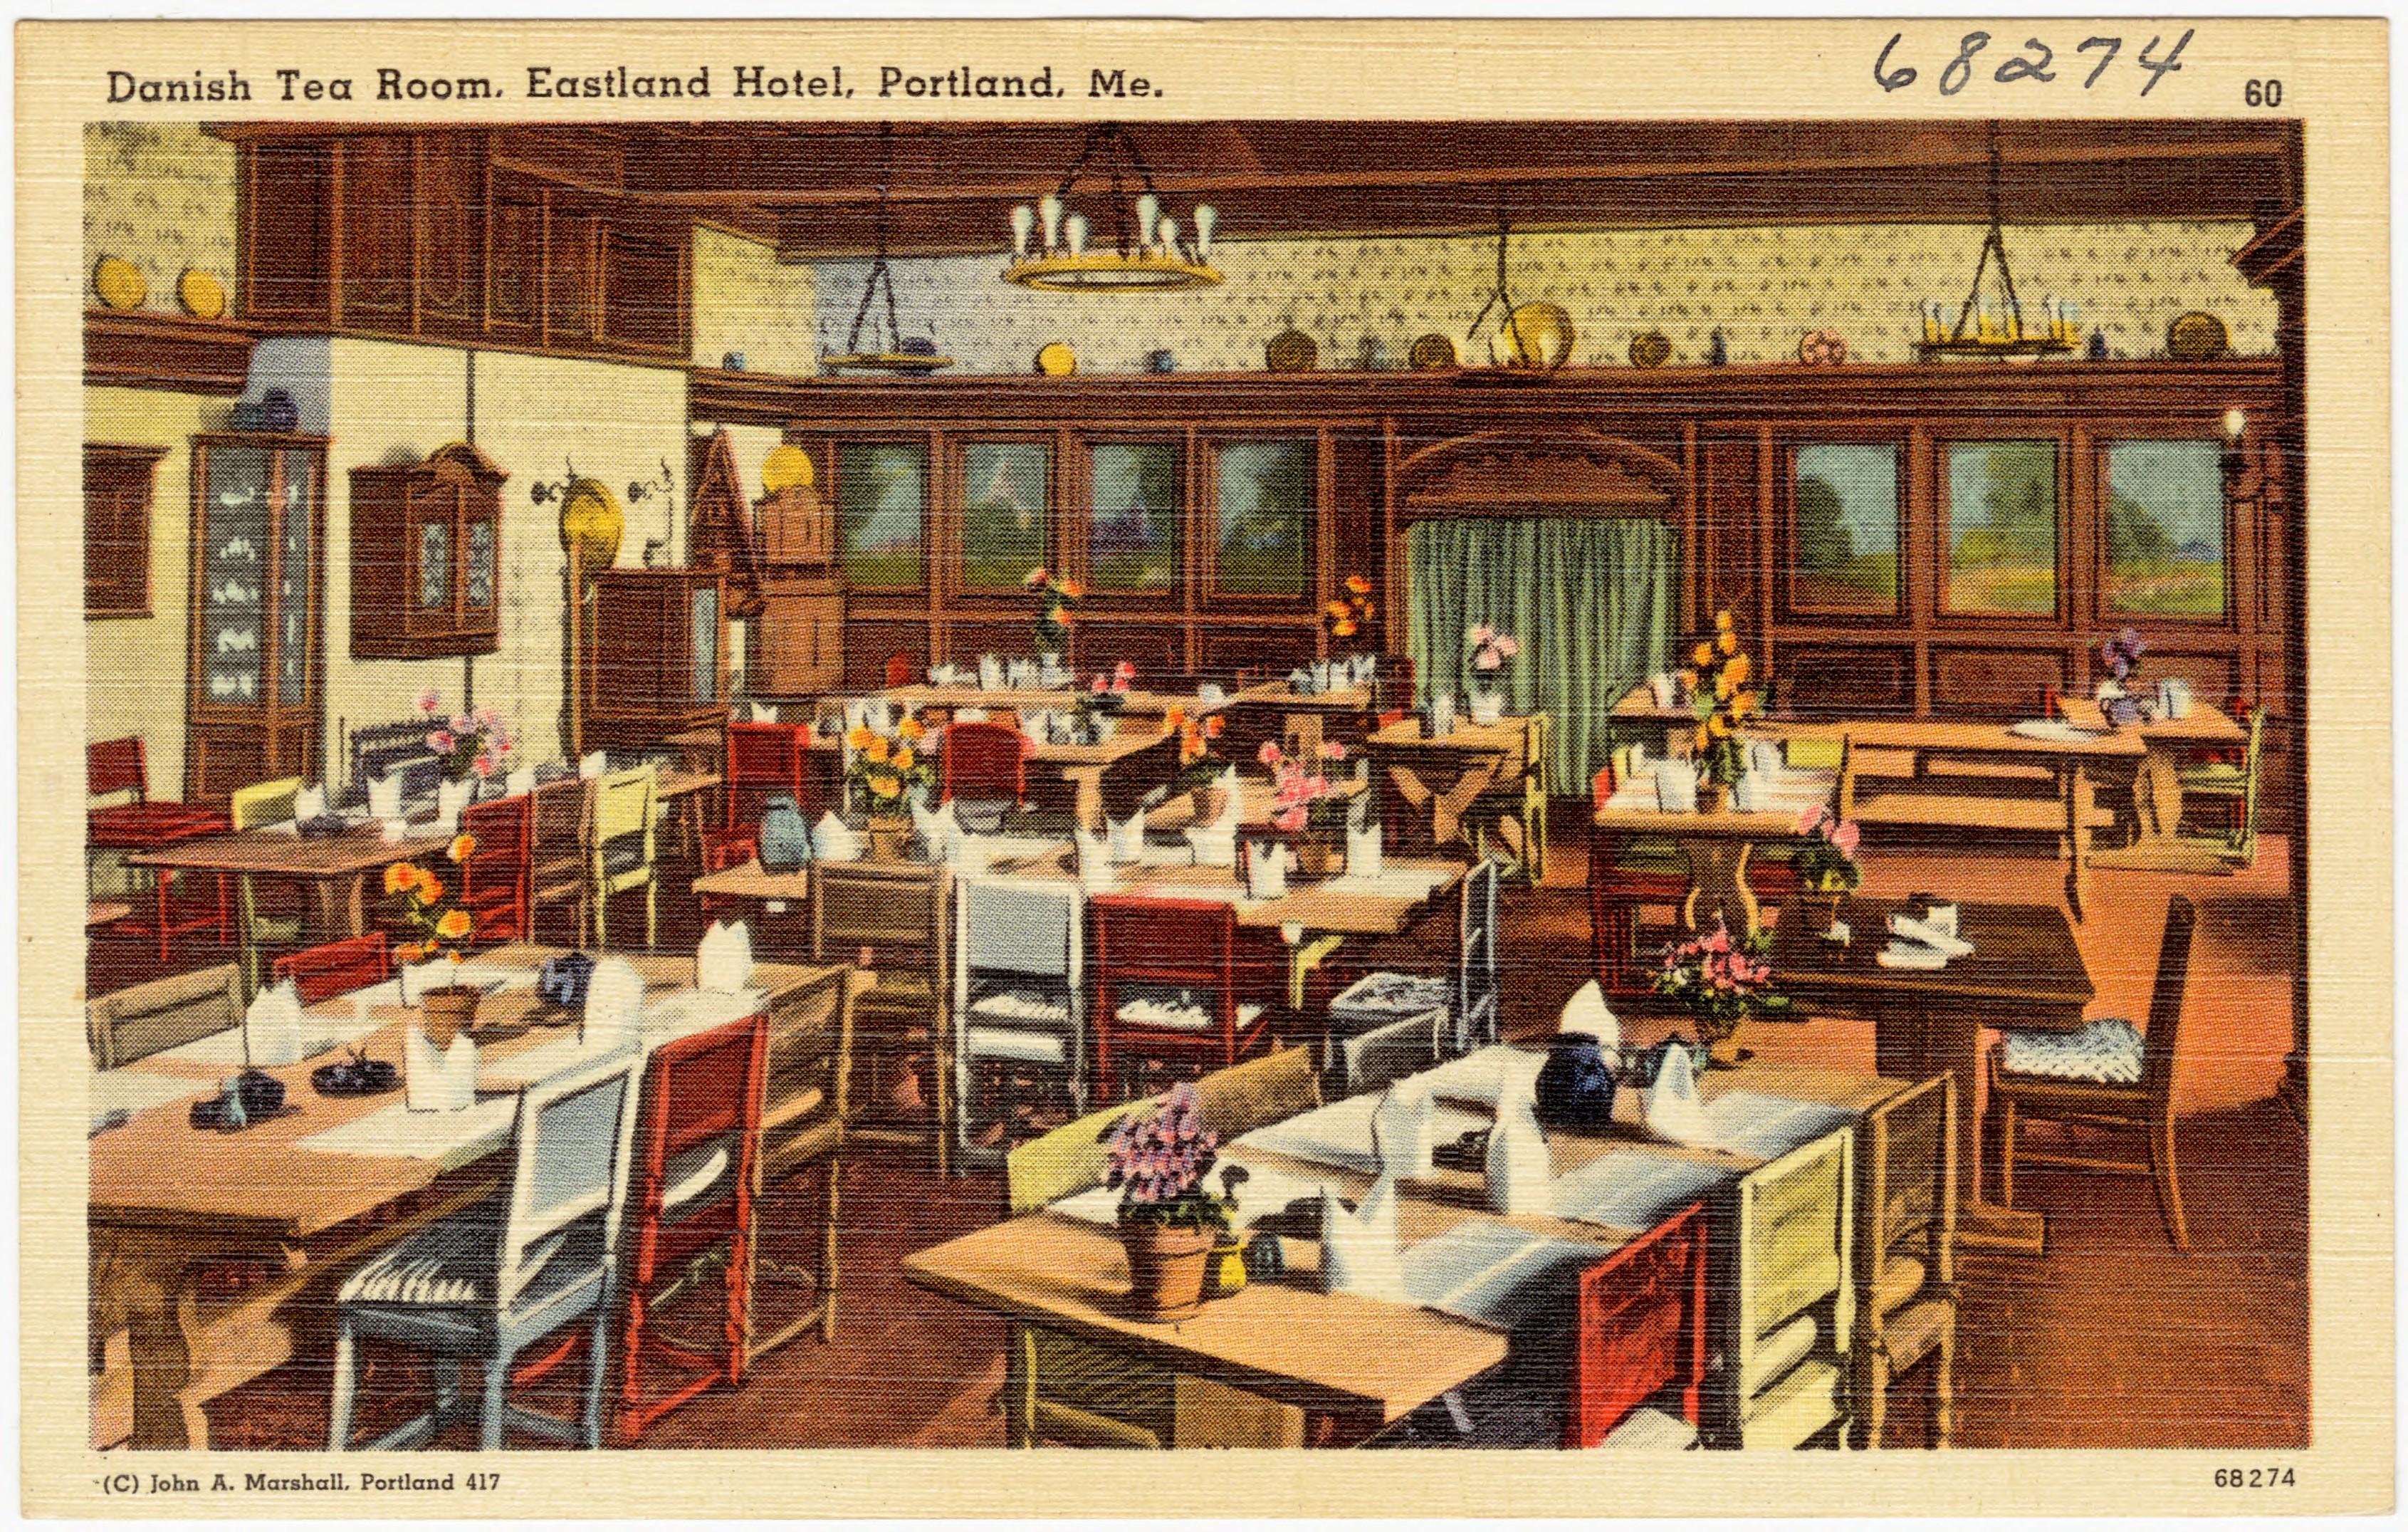 File:Danish Tea Room, Eastland Hotel, Portland, Me (68274).jpg ...